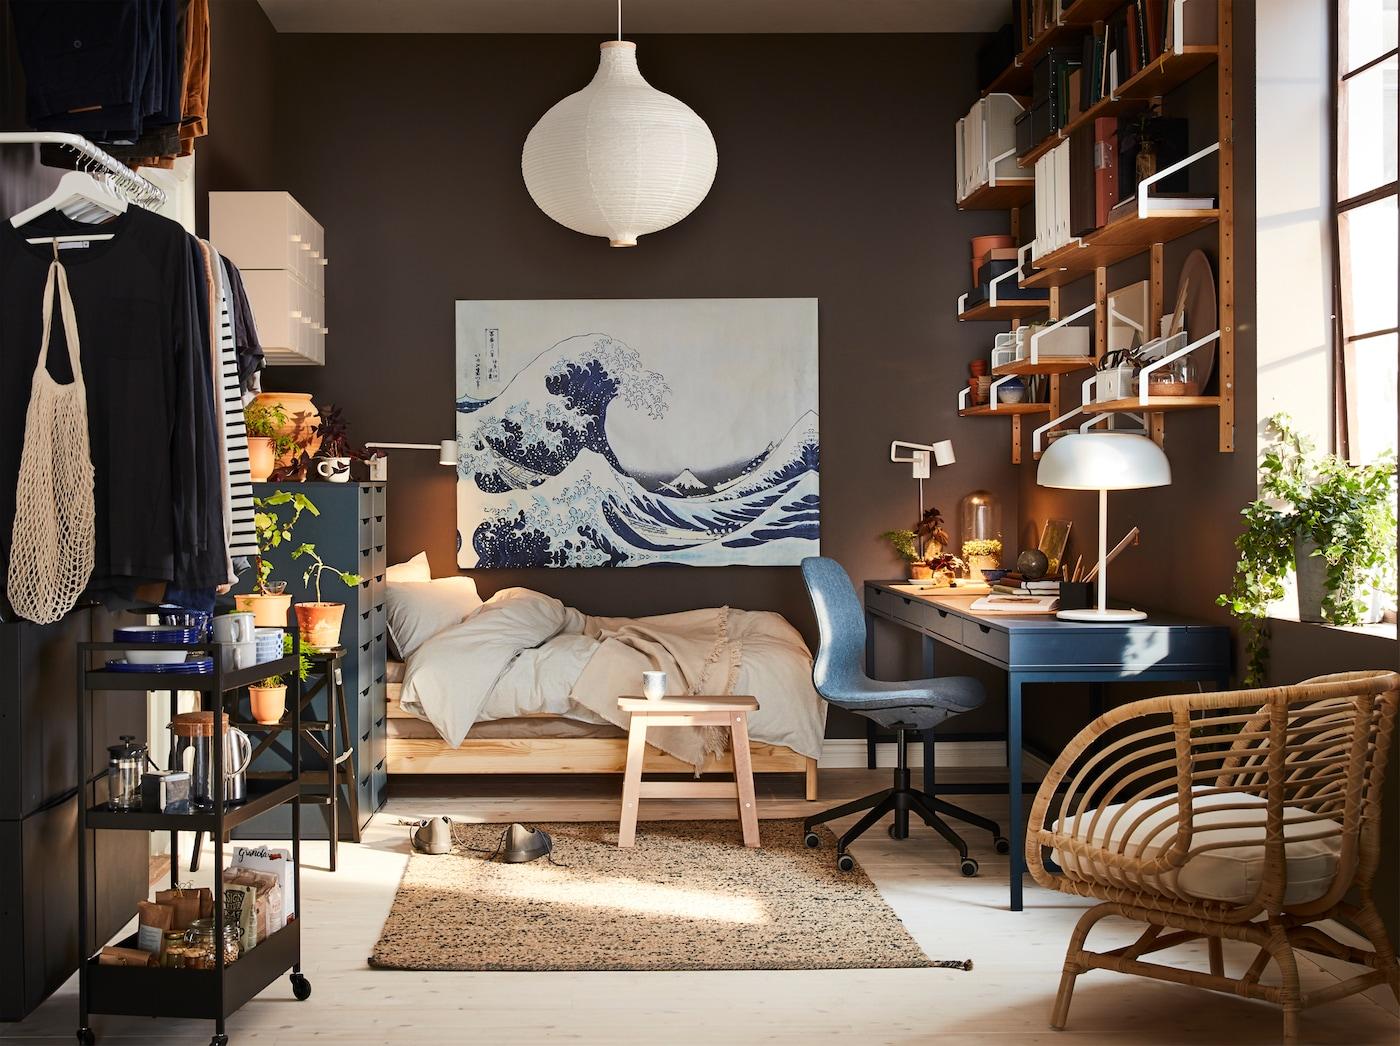 Небольшая комната, где есть письменный стол темно-синего цвета, креслоиз ротанга, абажур для подвесного светильника белого цвета и картина с изображением большой голубой волны.